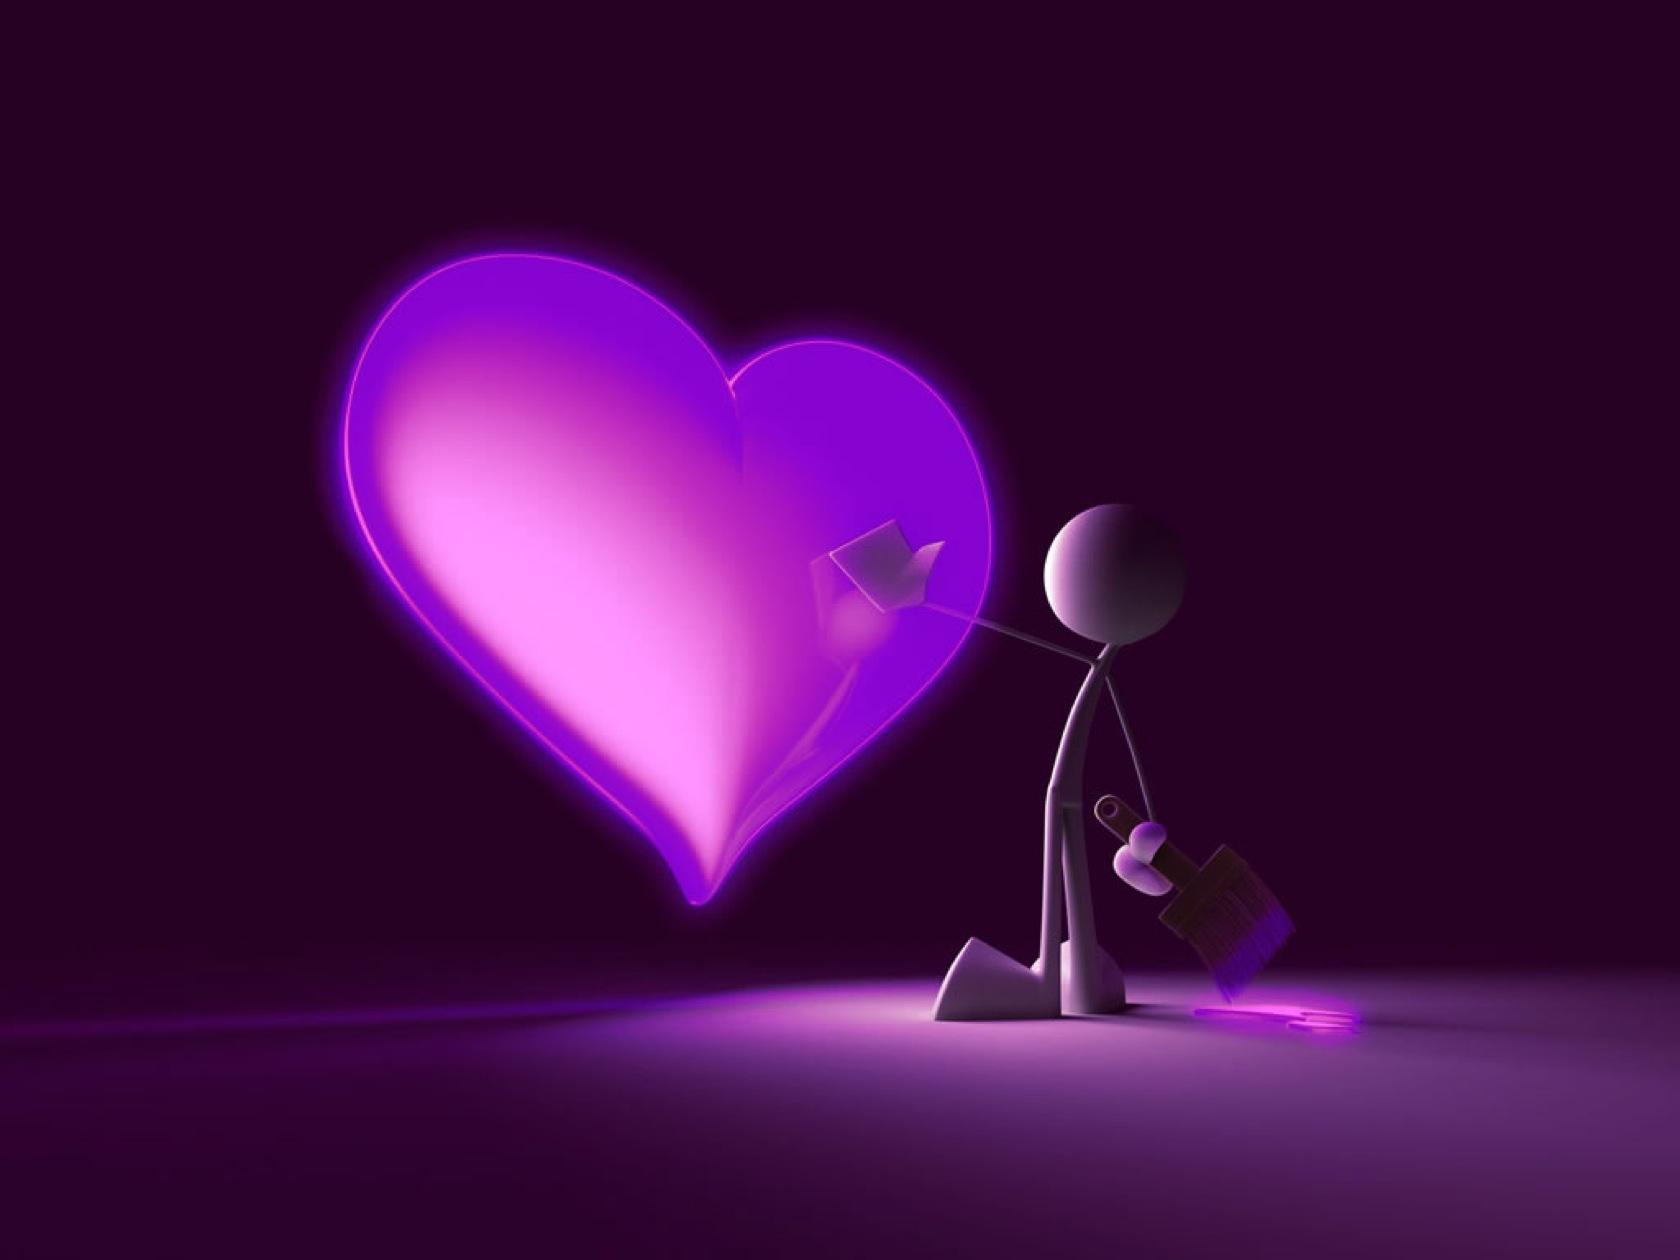 love wallpaper purple heart